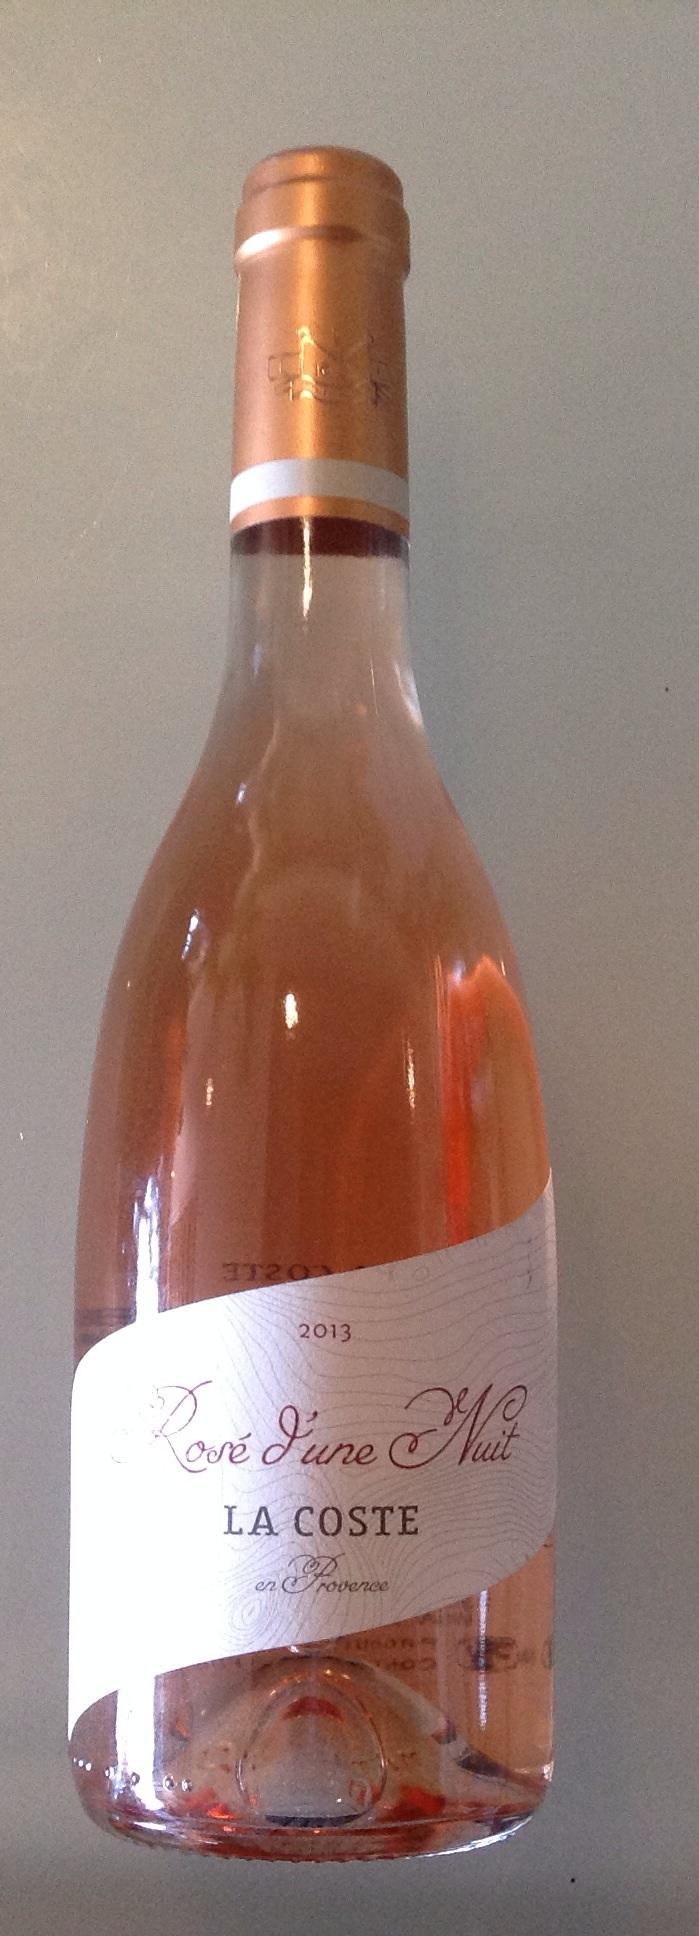 Côteaux d'Aix Chateau Lacoste 50cl rosé